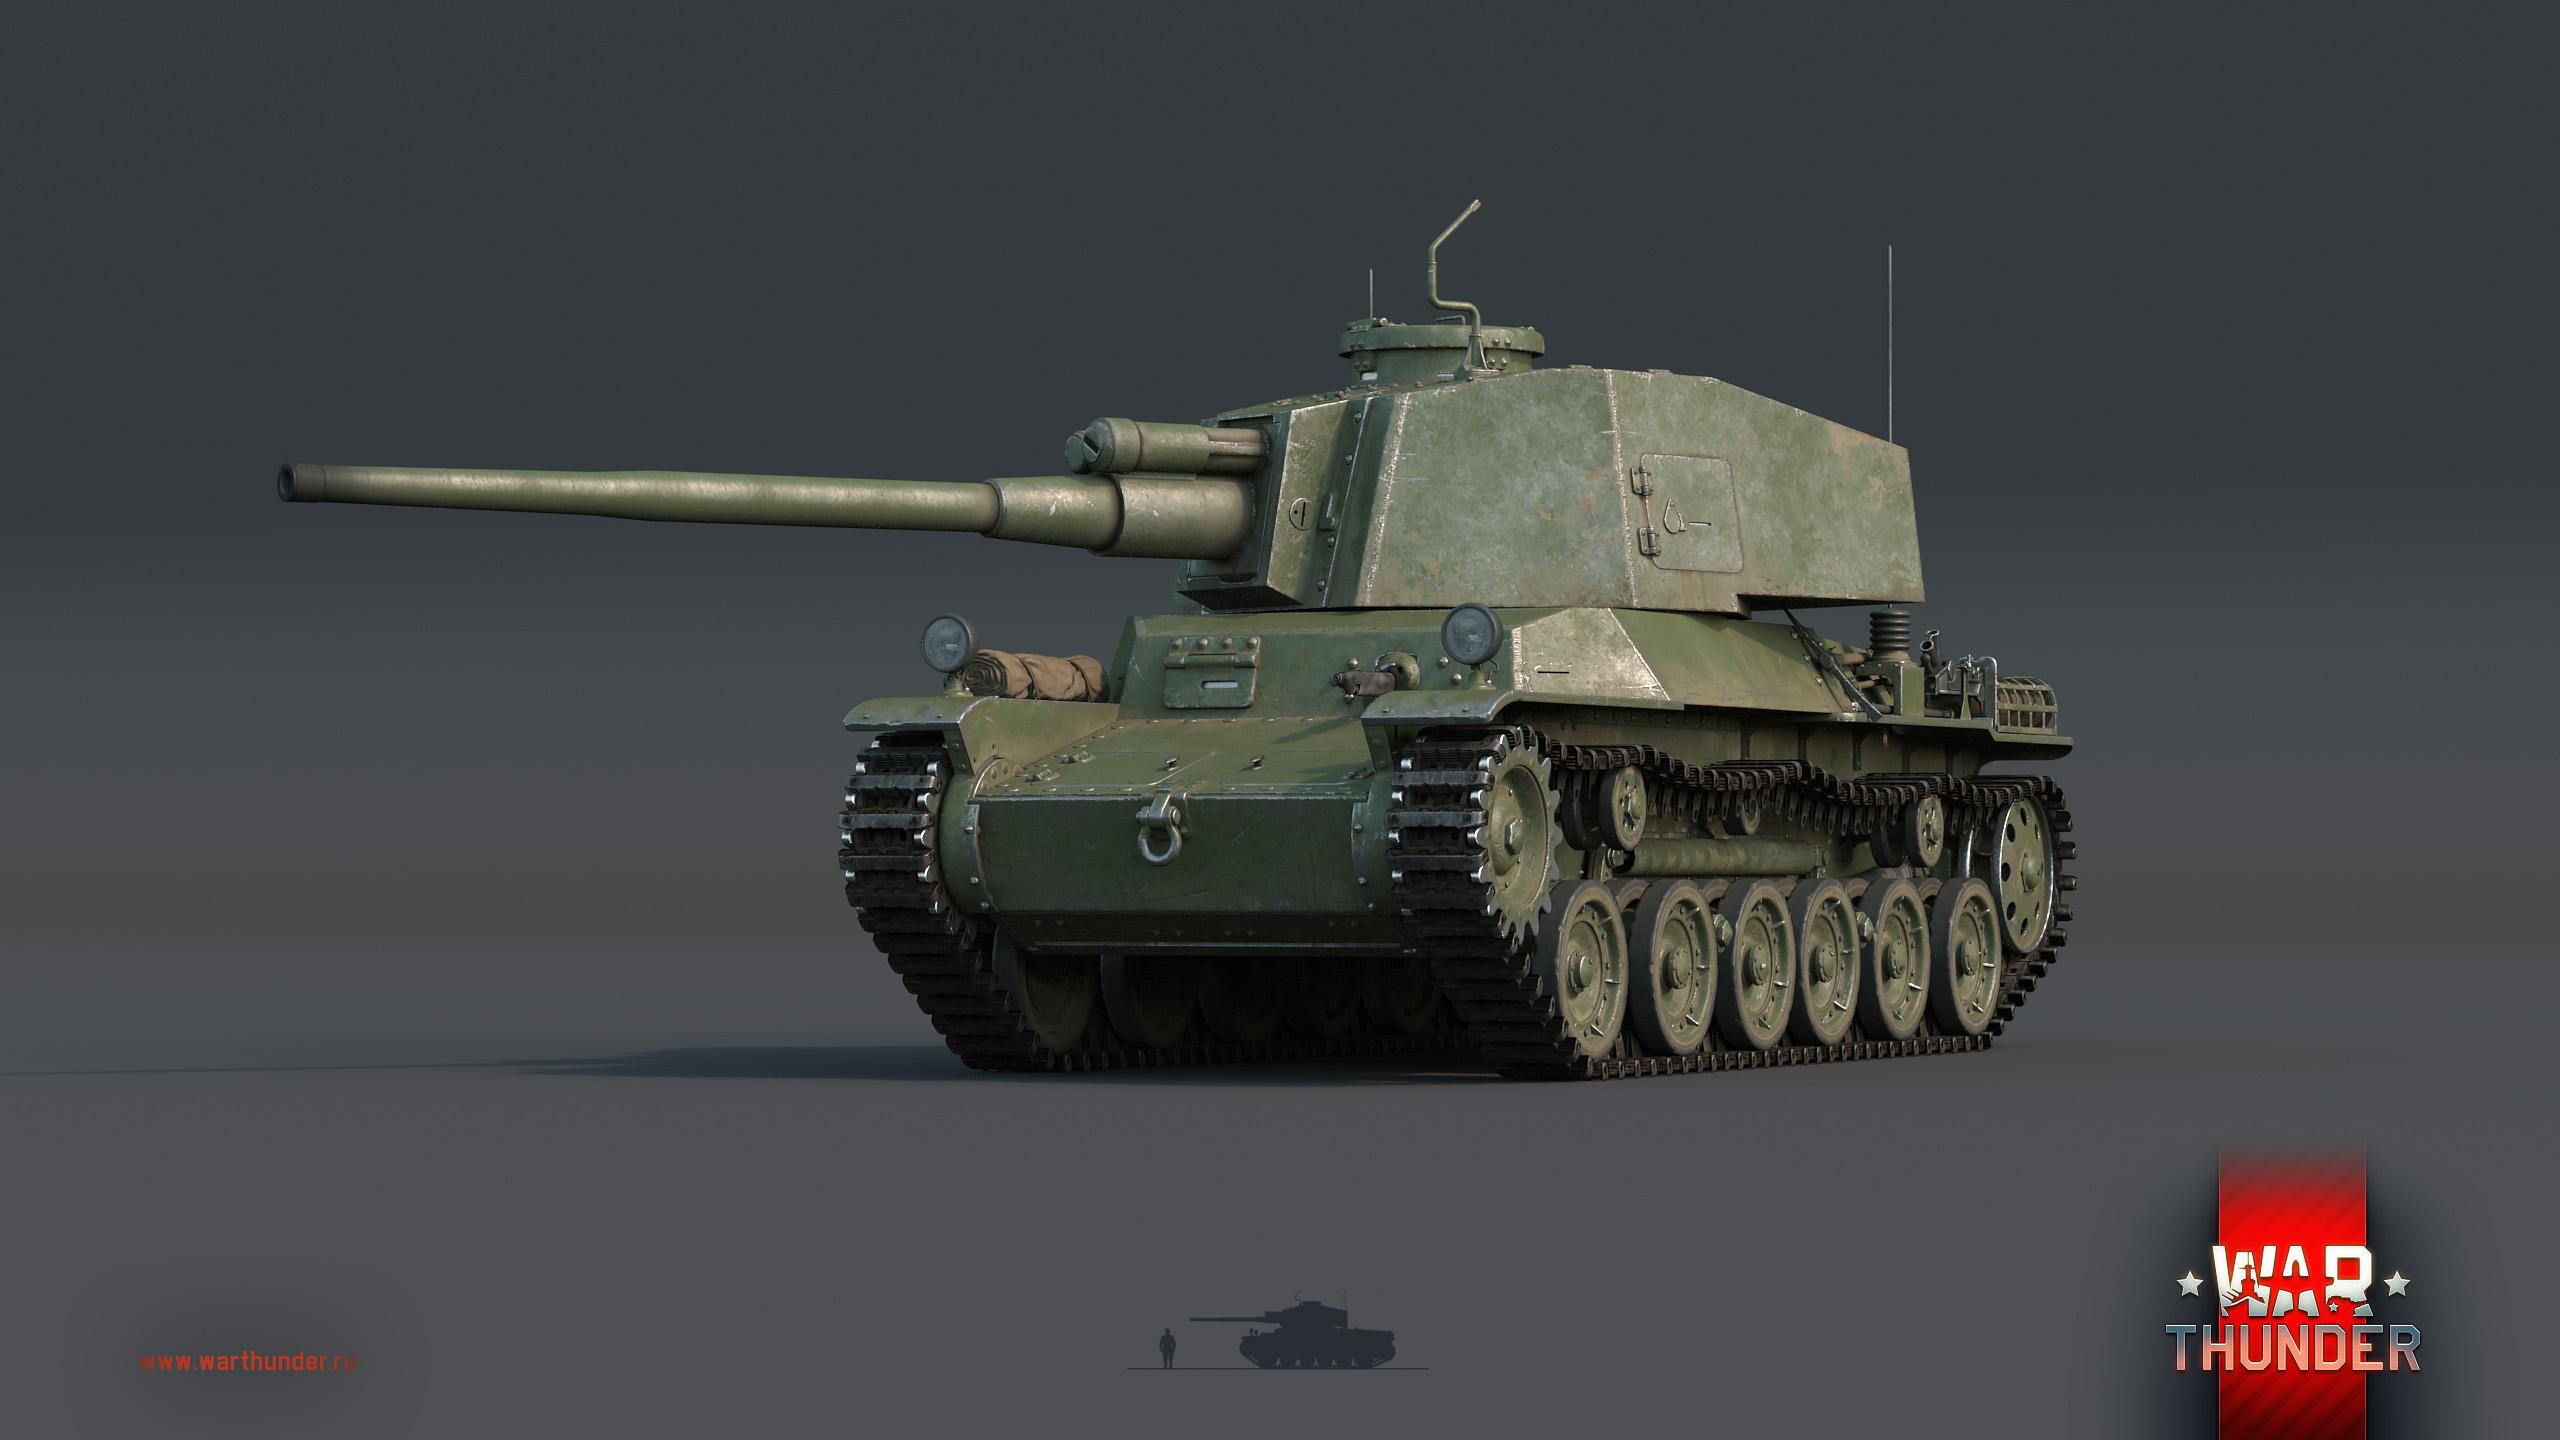 Обои на рабочий стол танк тигр